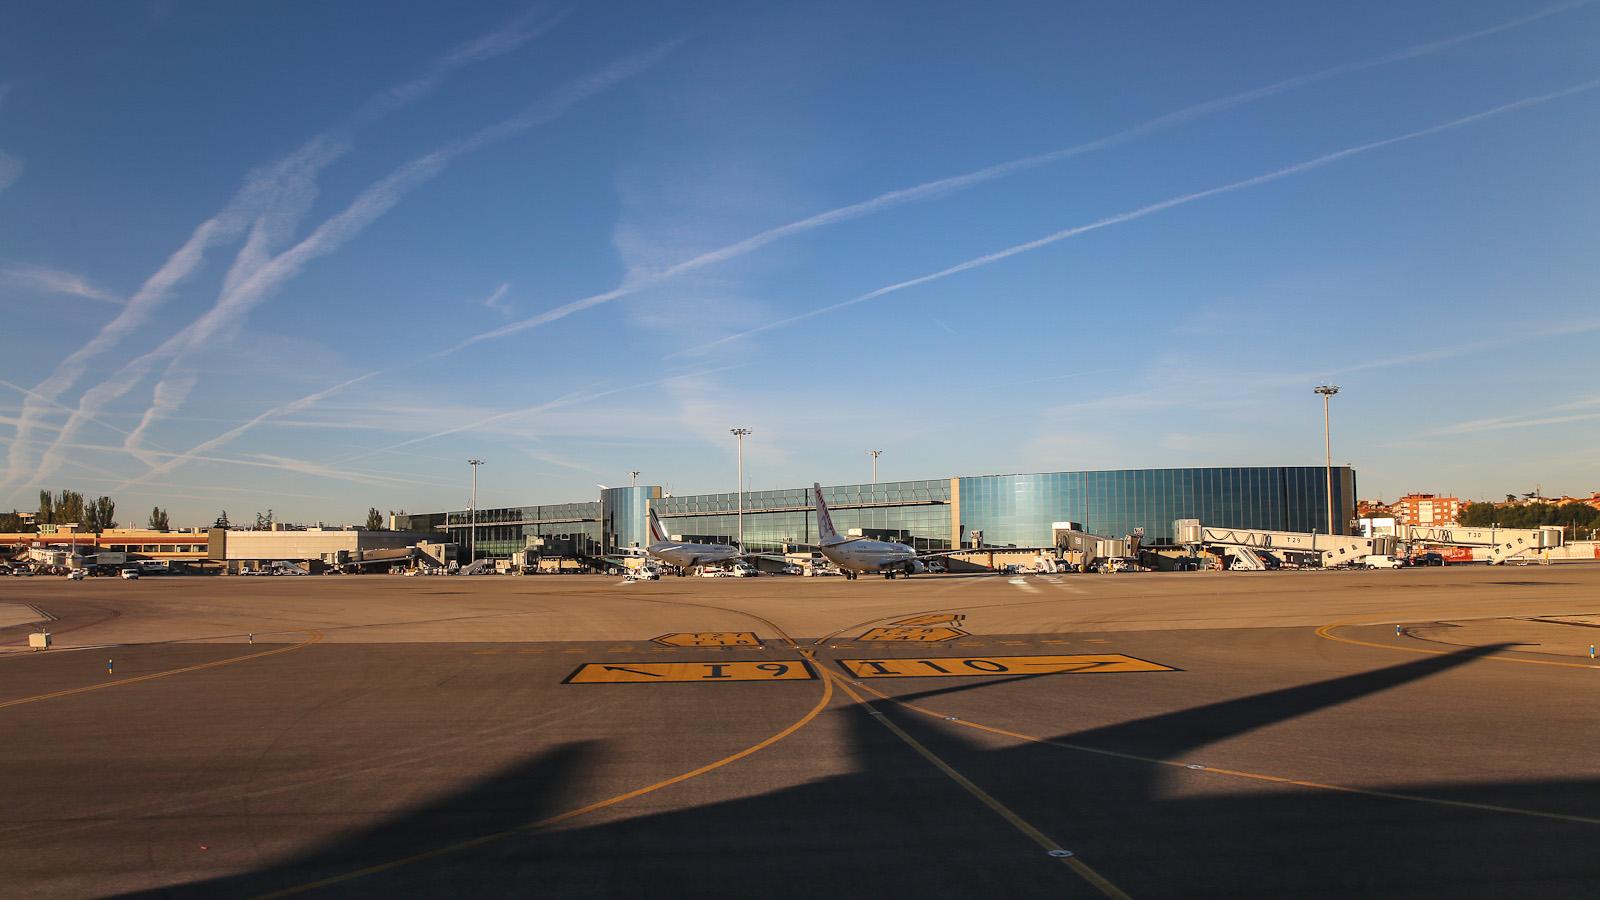 Терминал 3 аэропорта Барахас в Мадриде